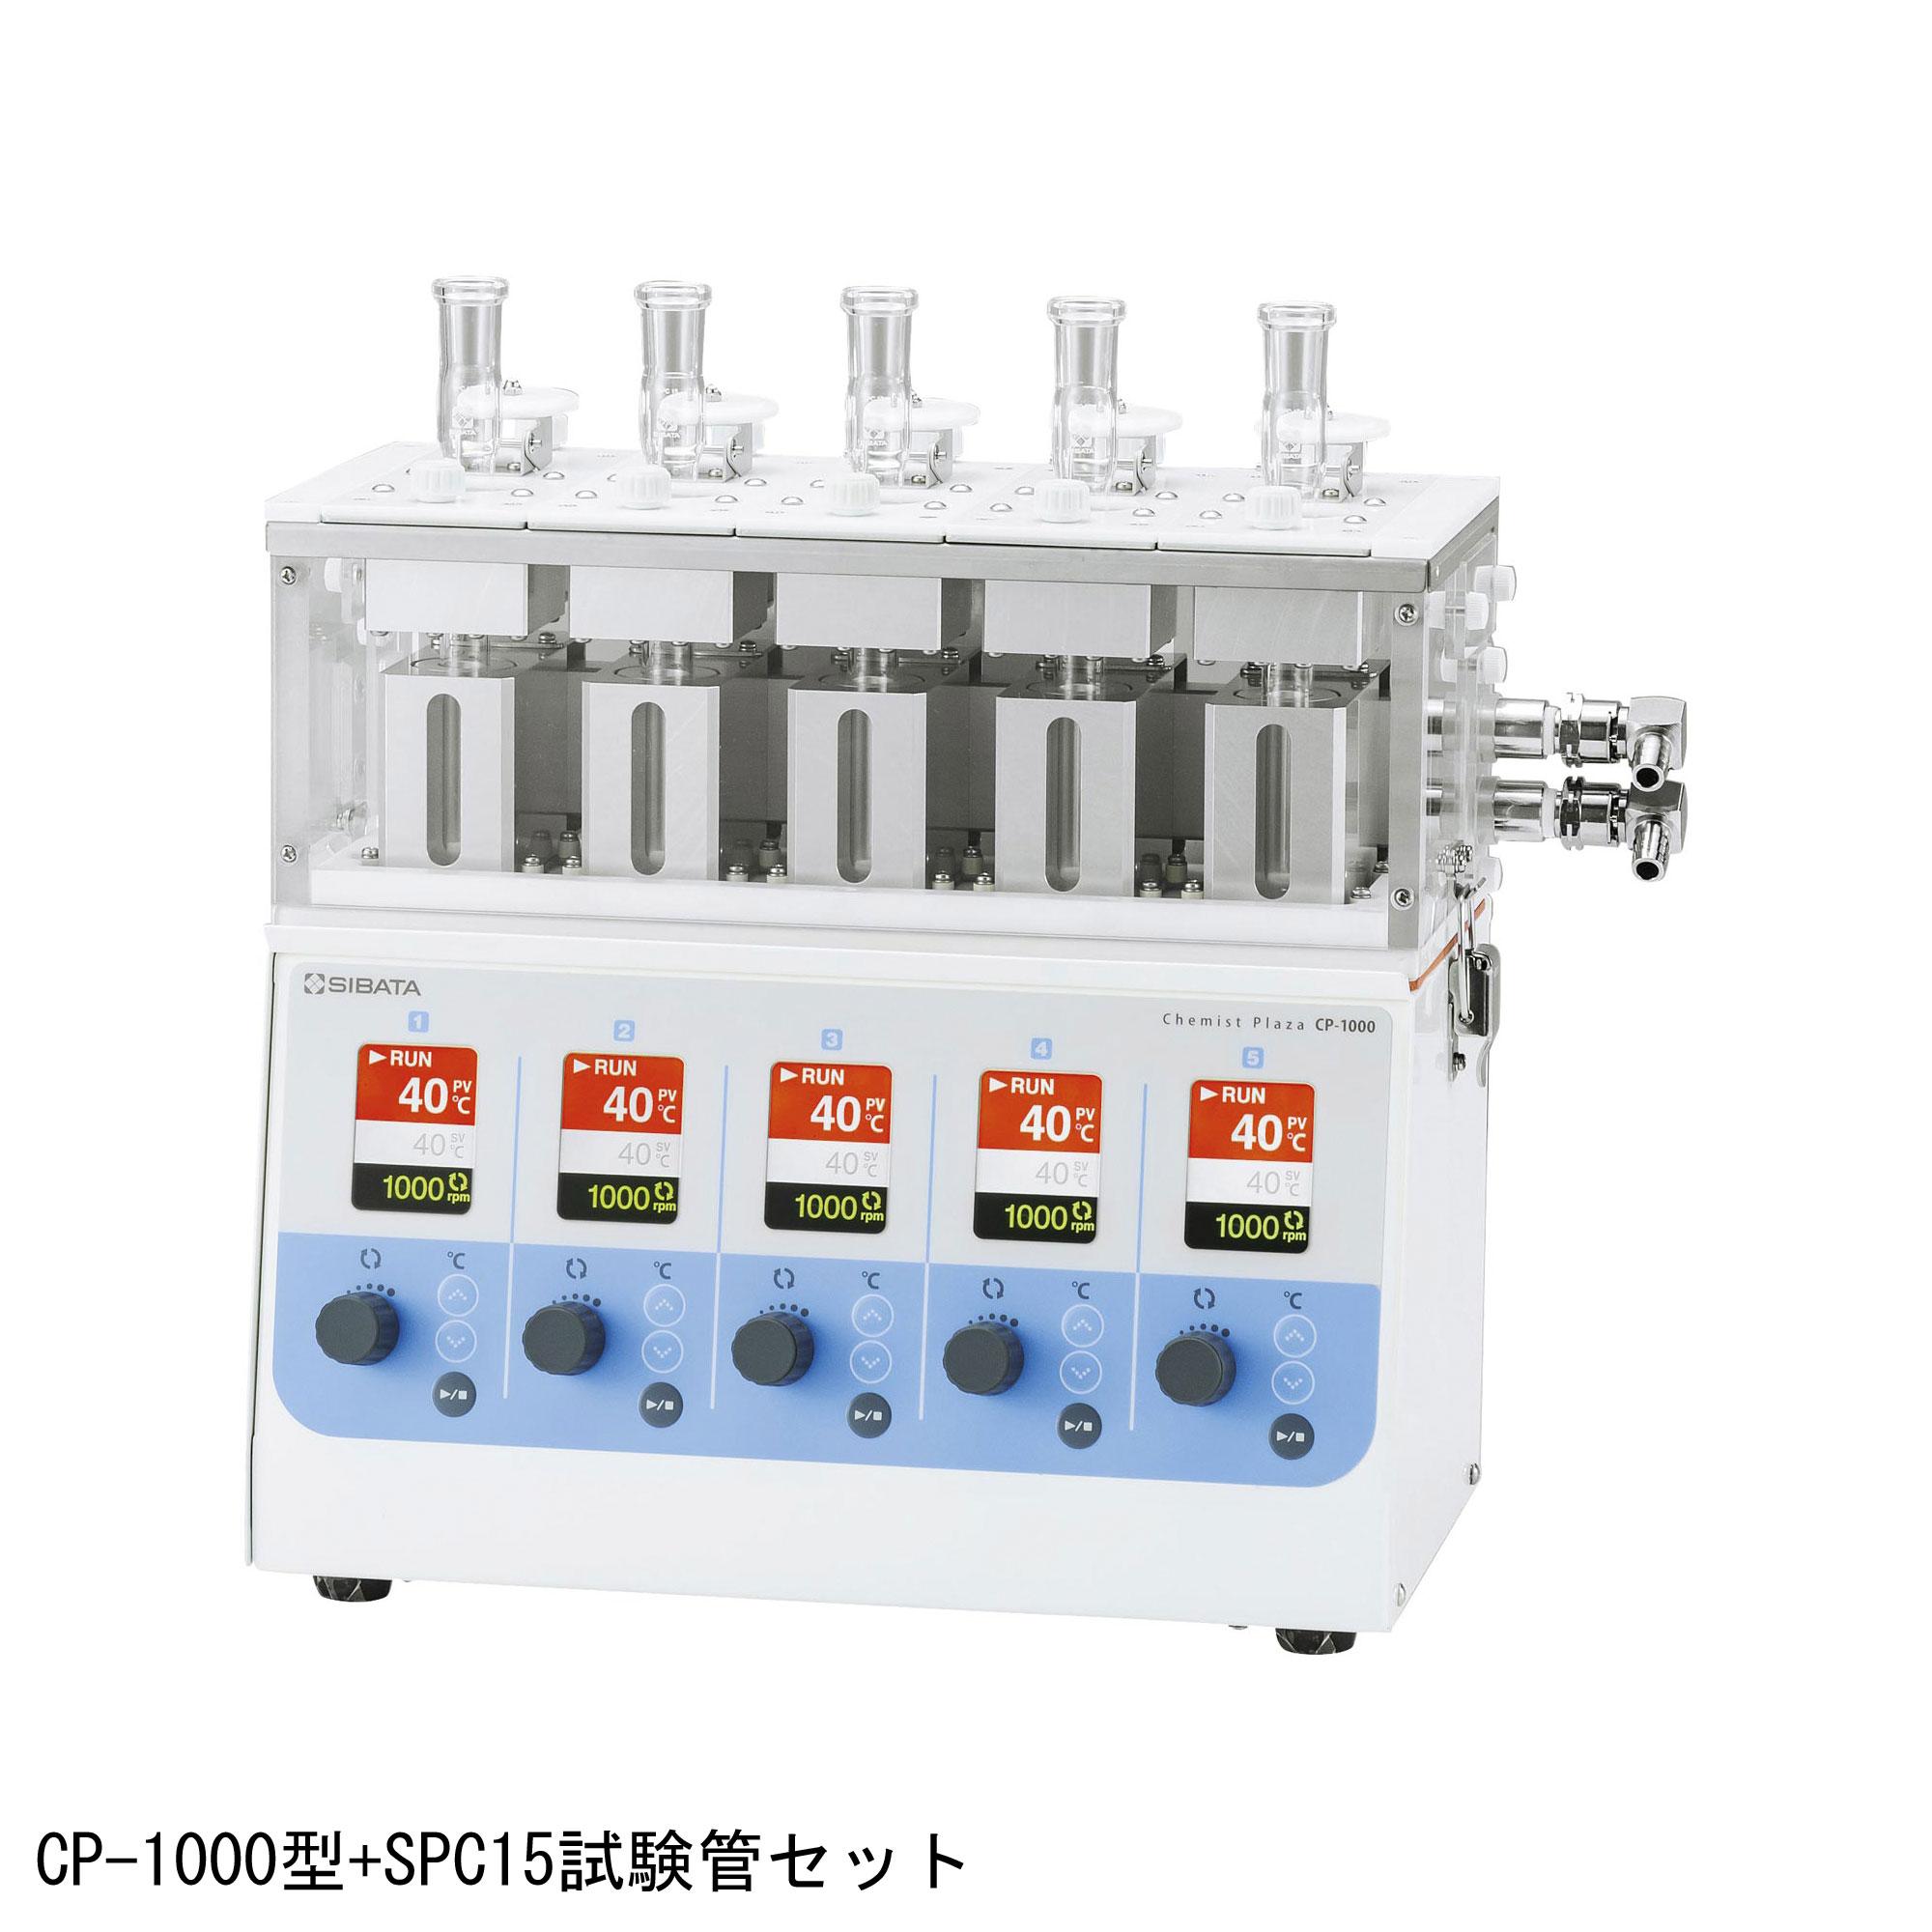 合成・反応装置 ケミストプラザ CP-1000用 SPC-15試験管セット